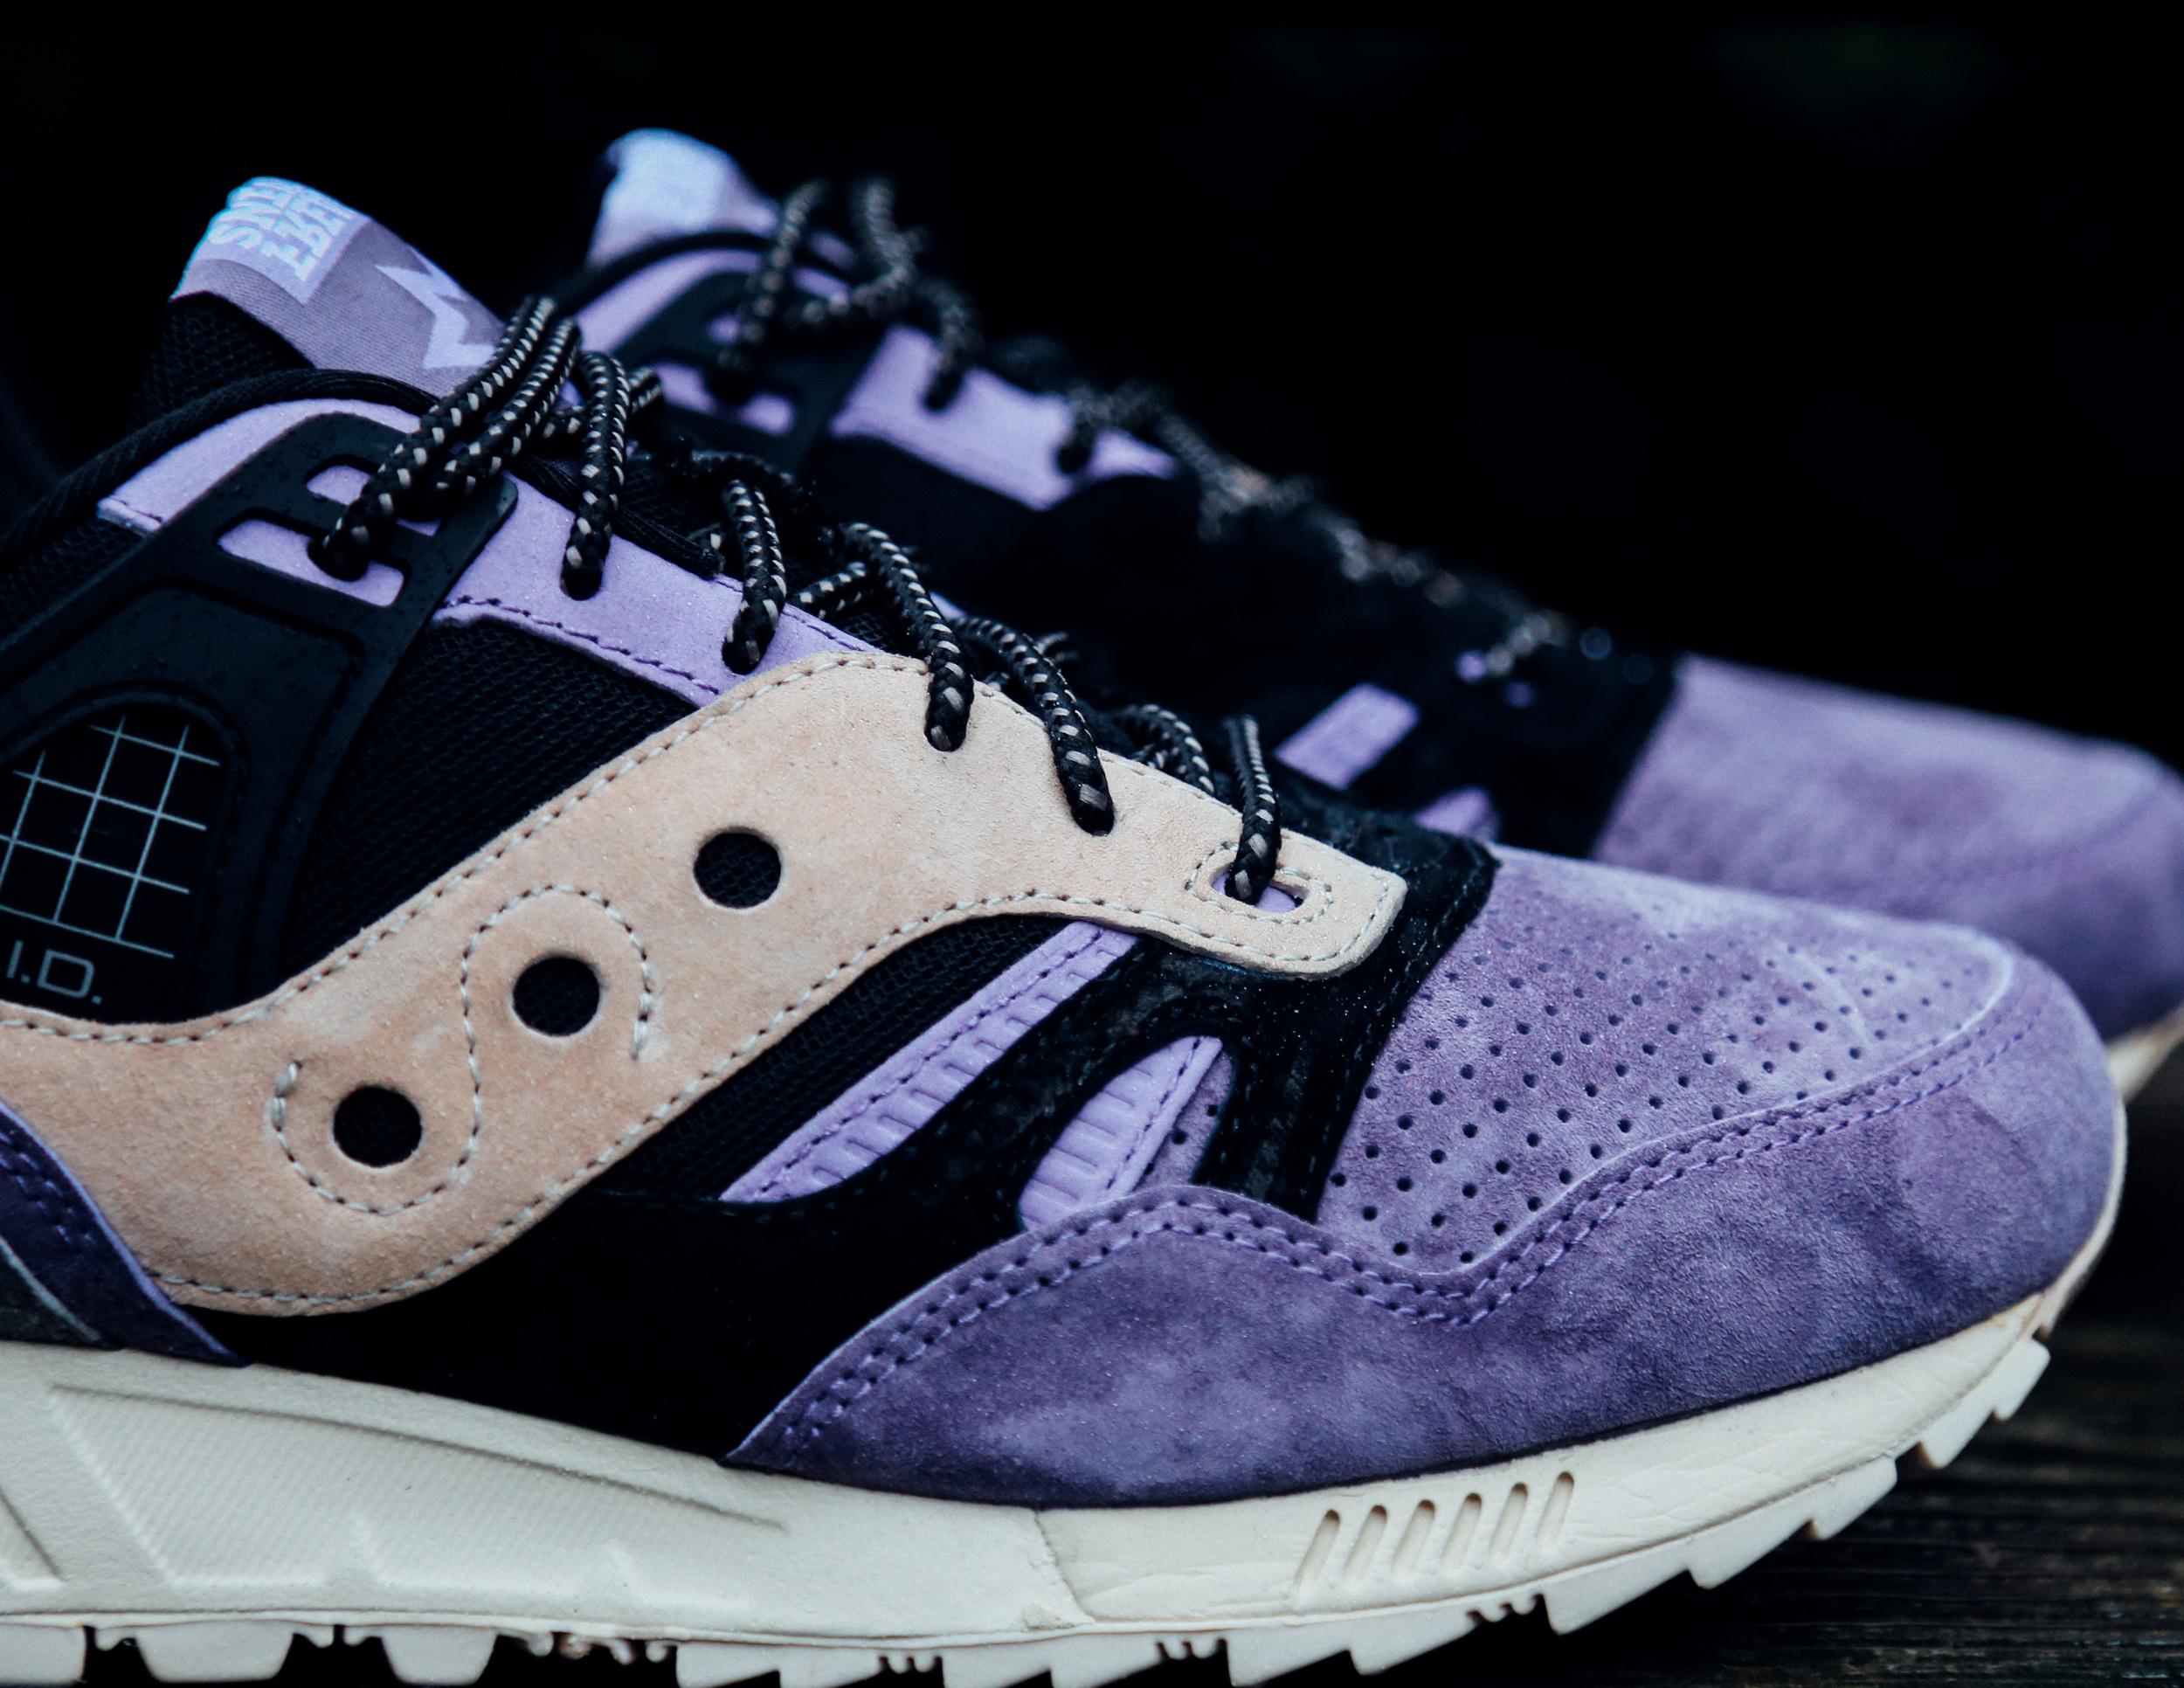 SneakerFreakerMag-Saucony-GRID-SD-KUSHWHACKER-DETAILED-LOOK_4261.jpg